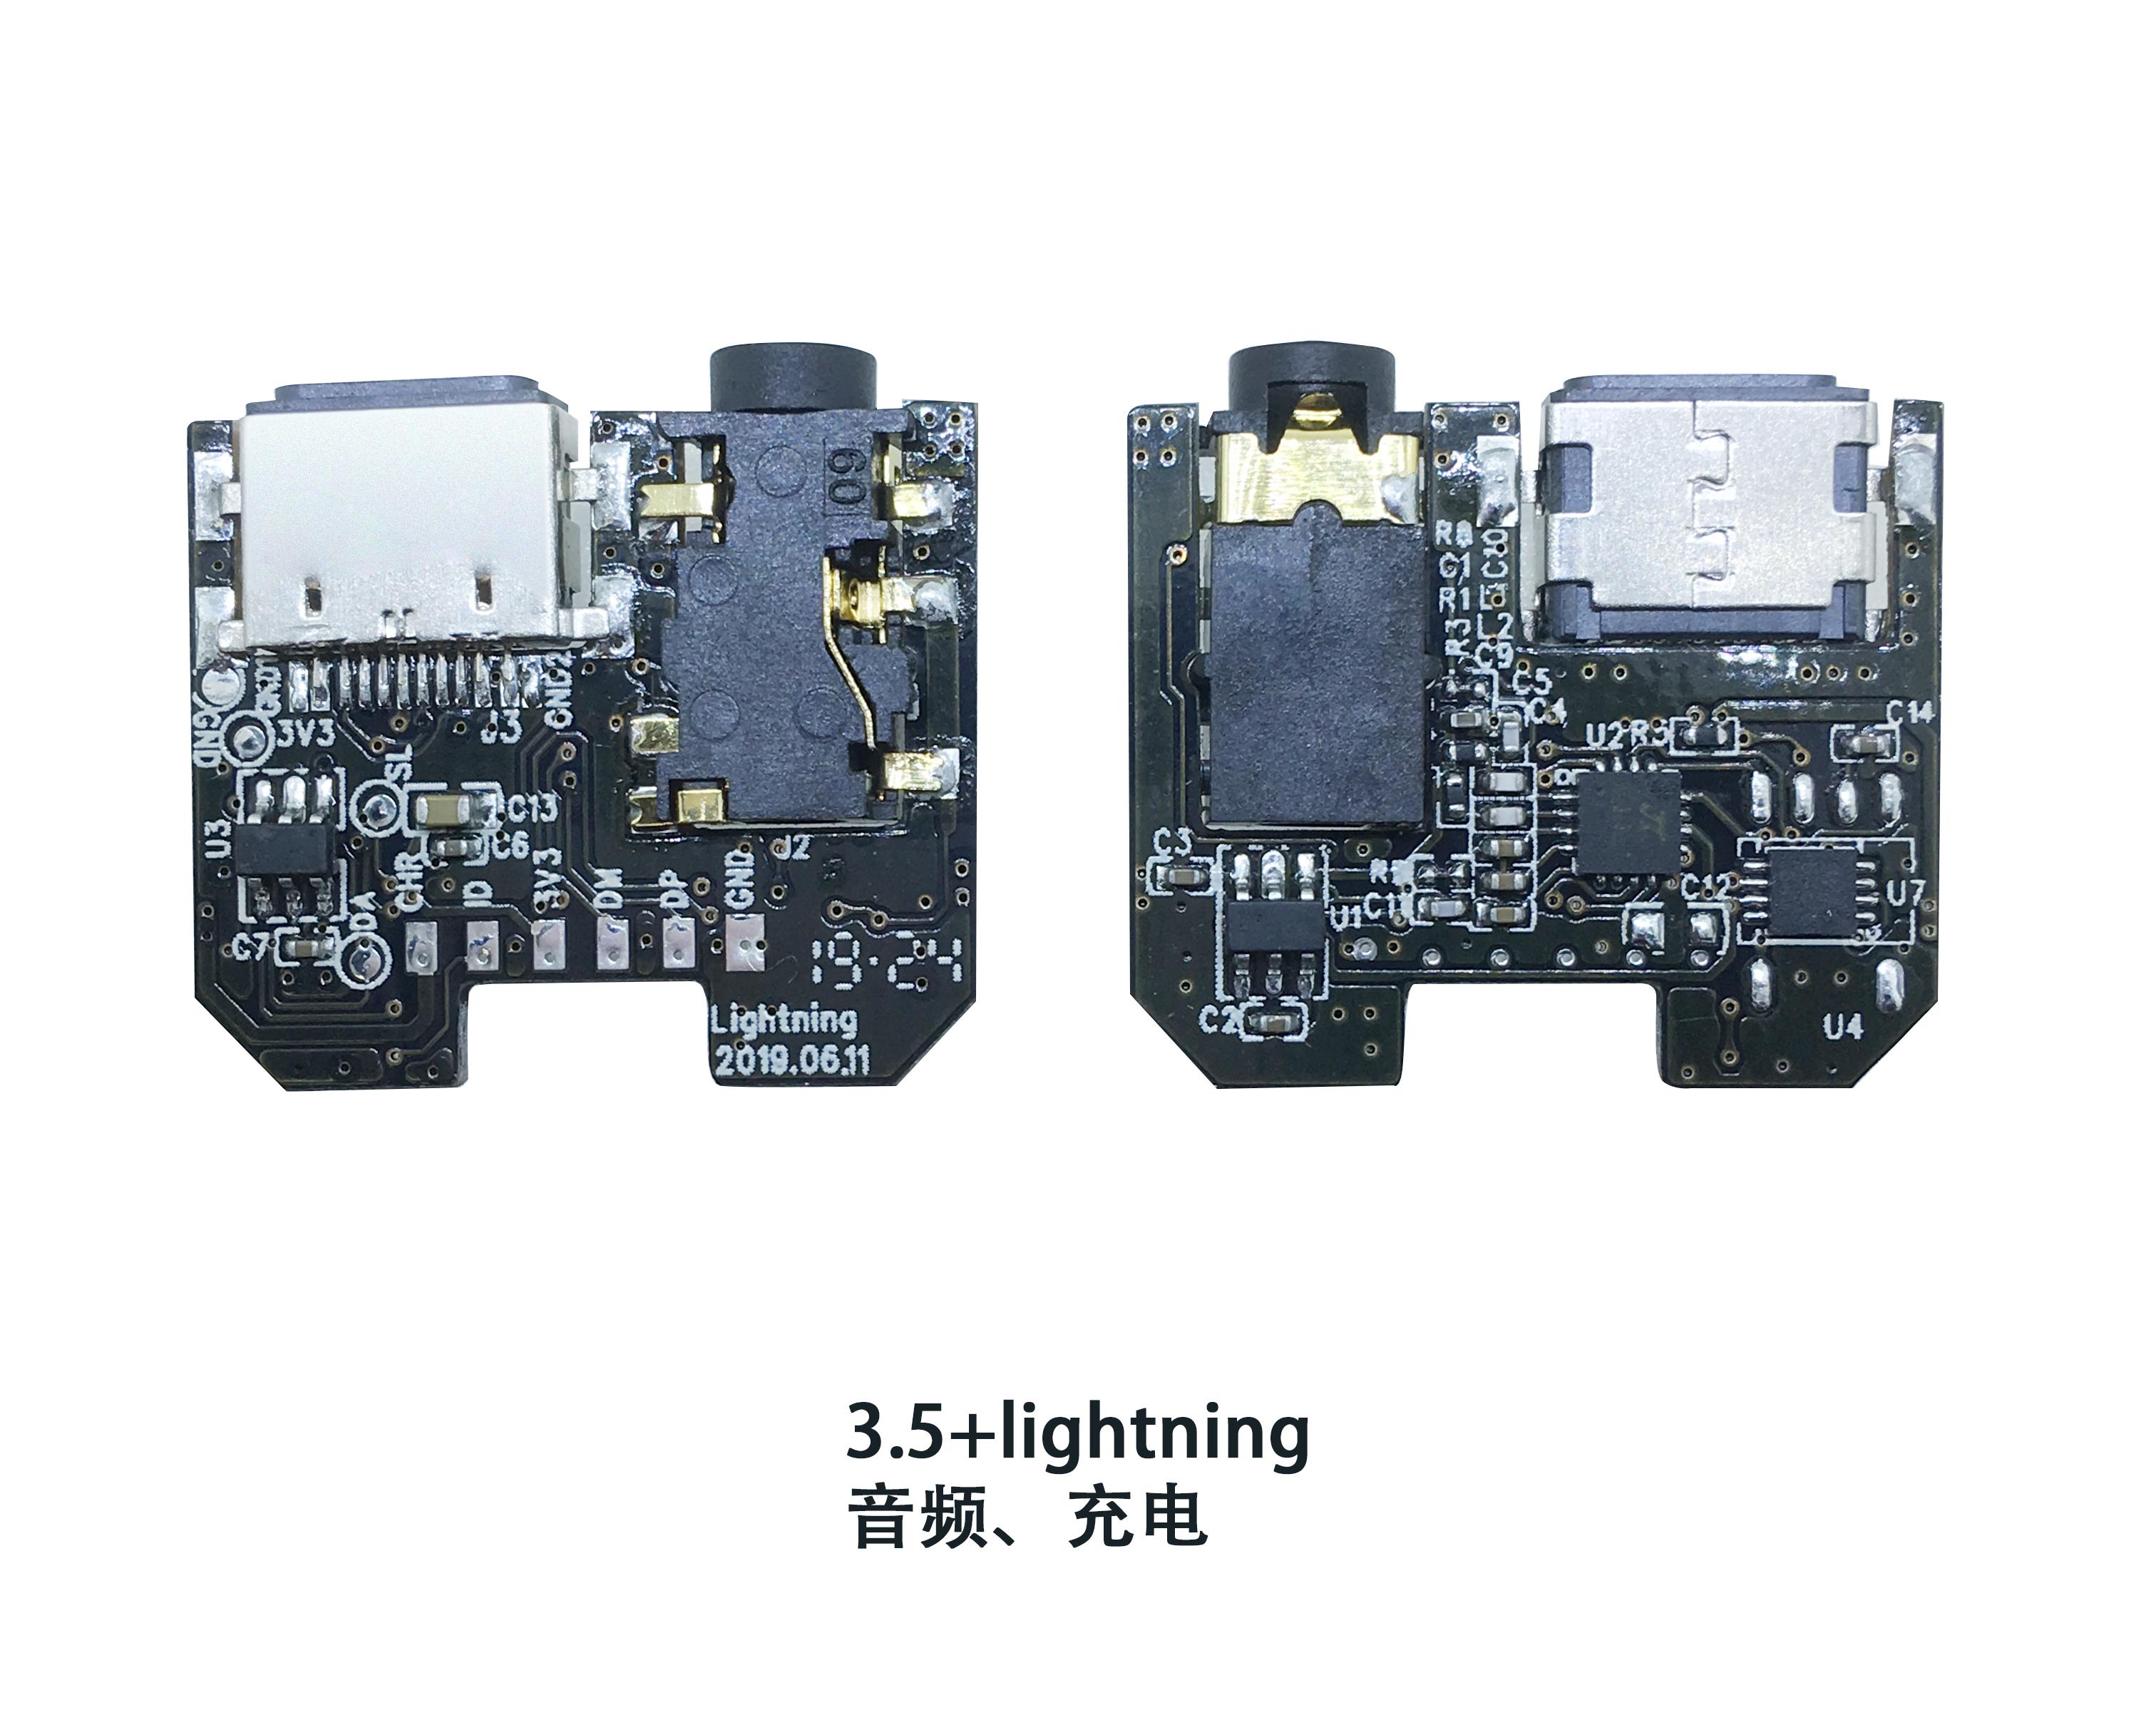 音频3.5+lightning转接头VBS01